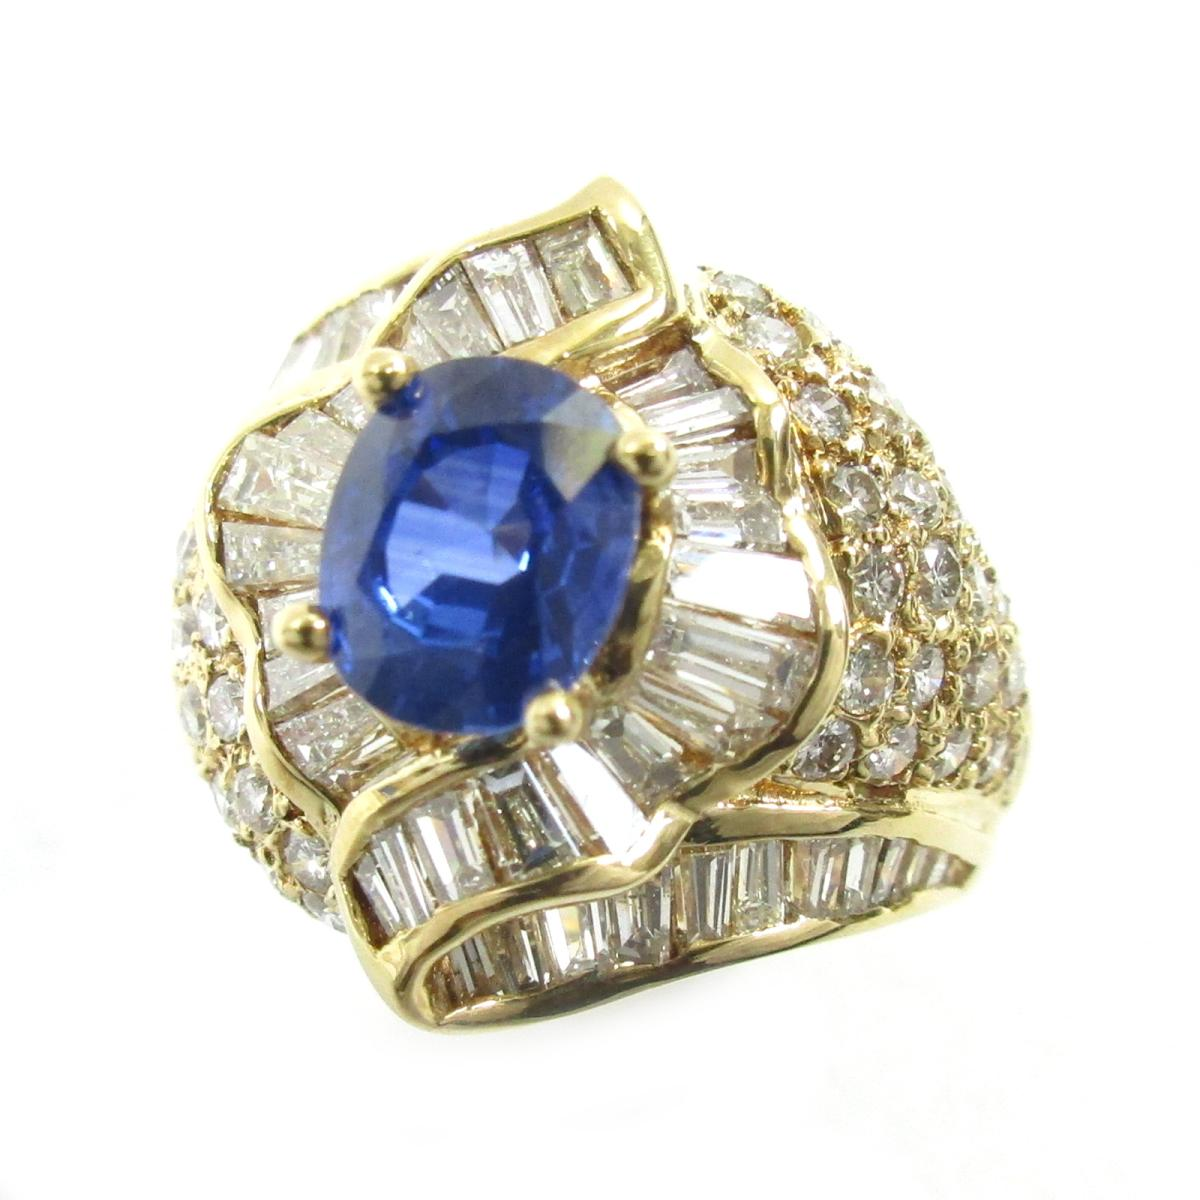 ジュエリー サファイアリング 指輪 ノーブランドジュエリー レディース K18YG750イエローゴールドX ダイヤモンドqSRjAc354L